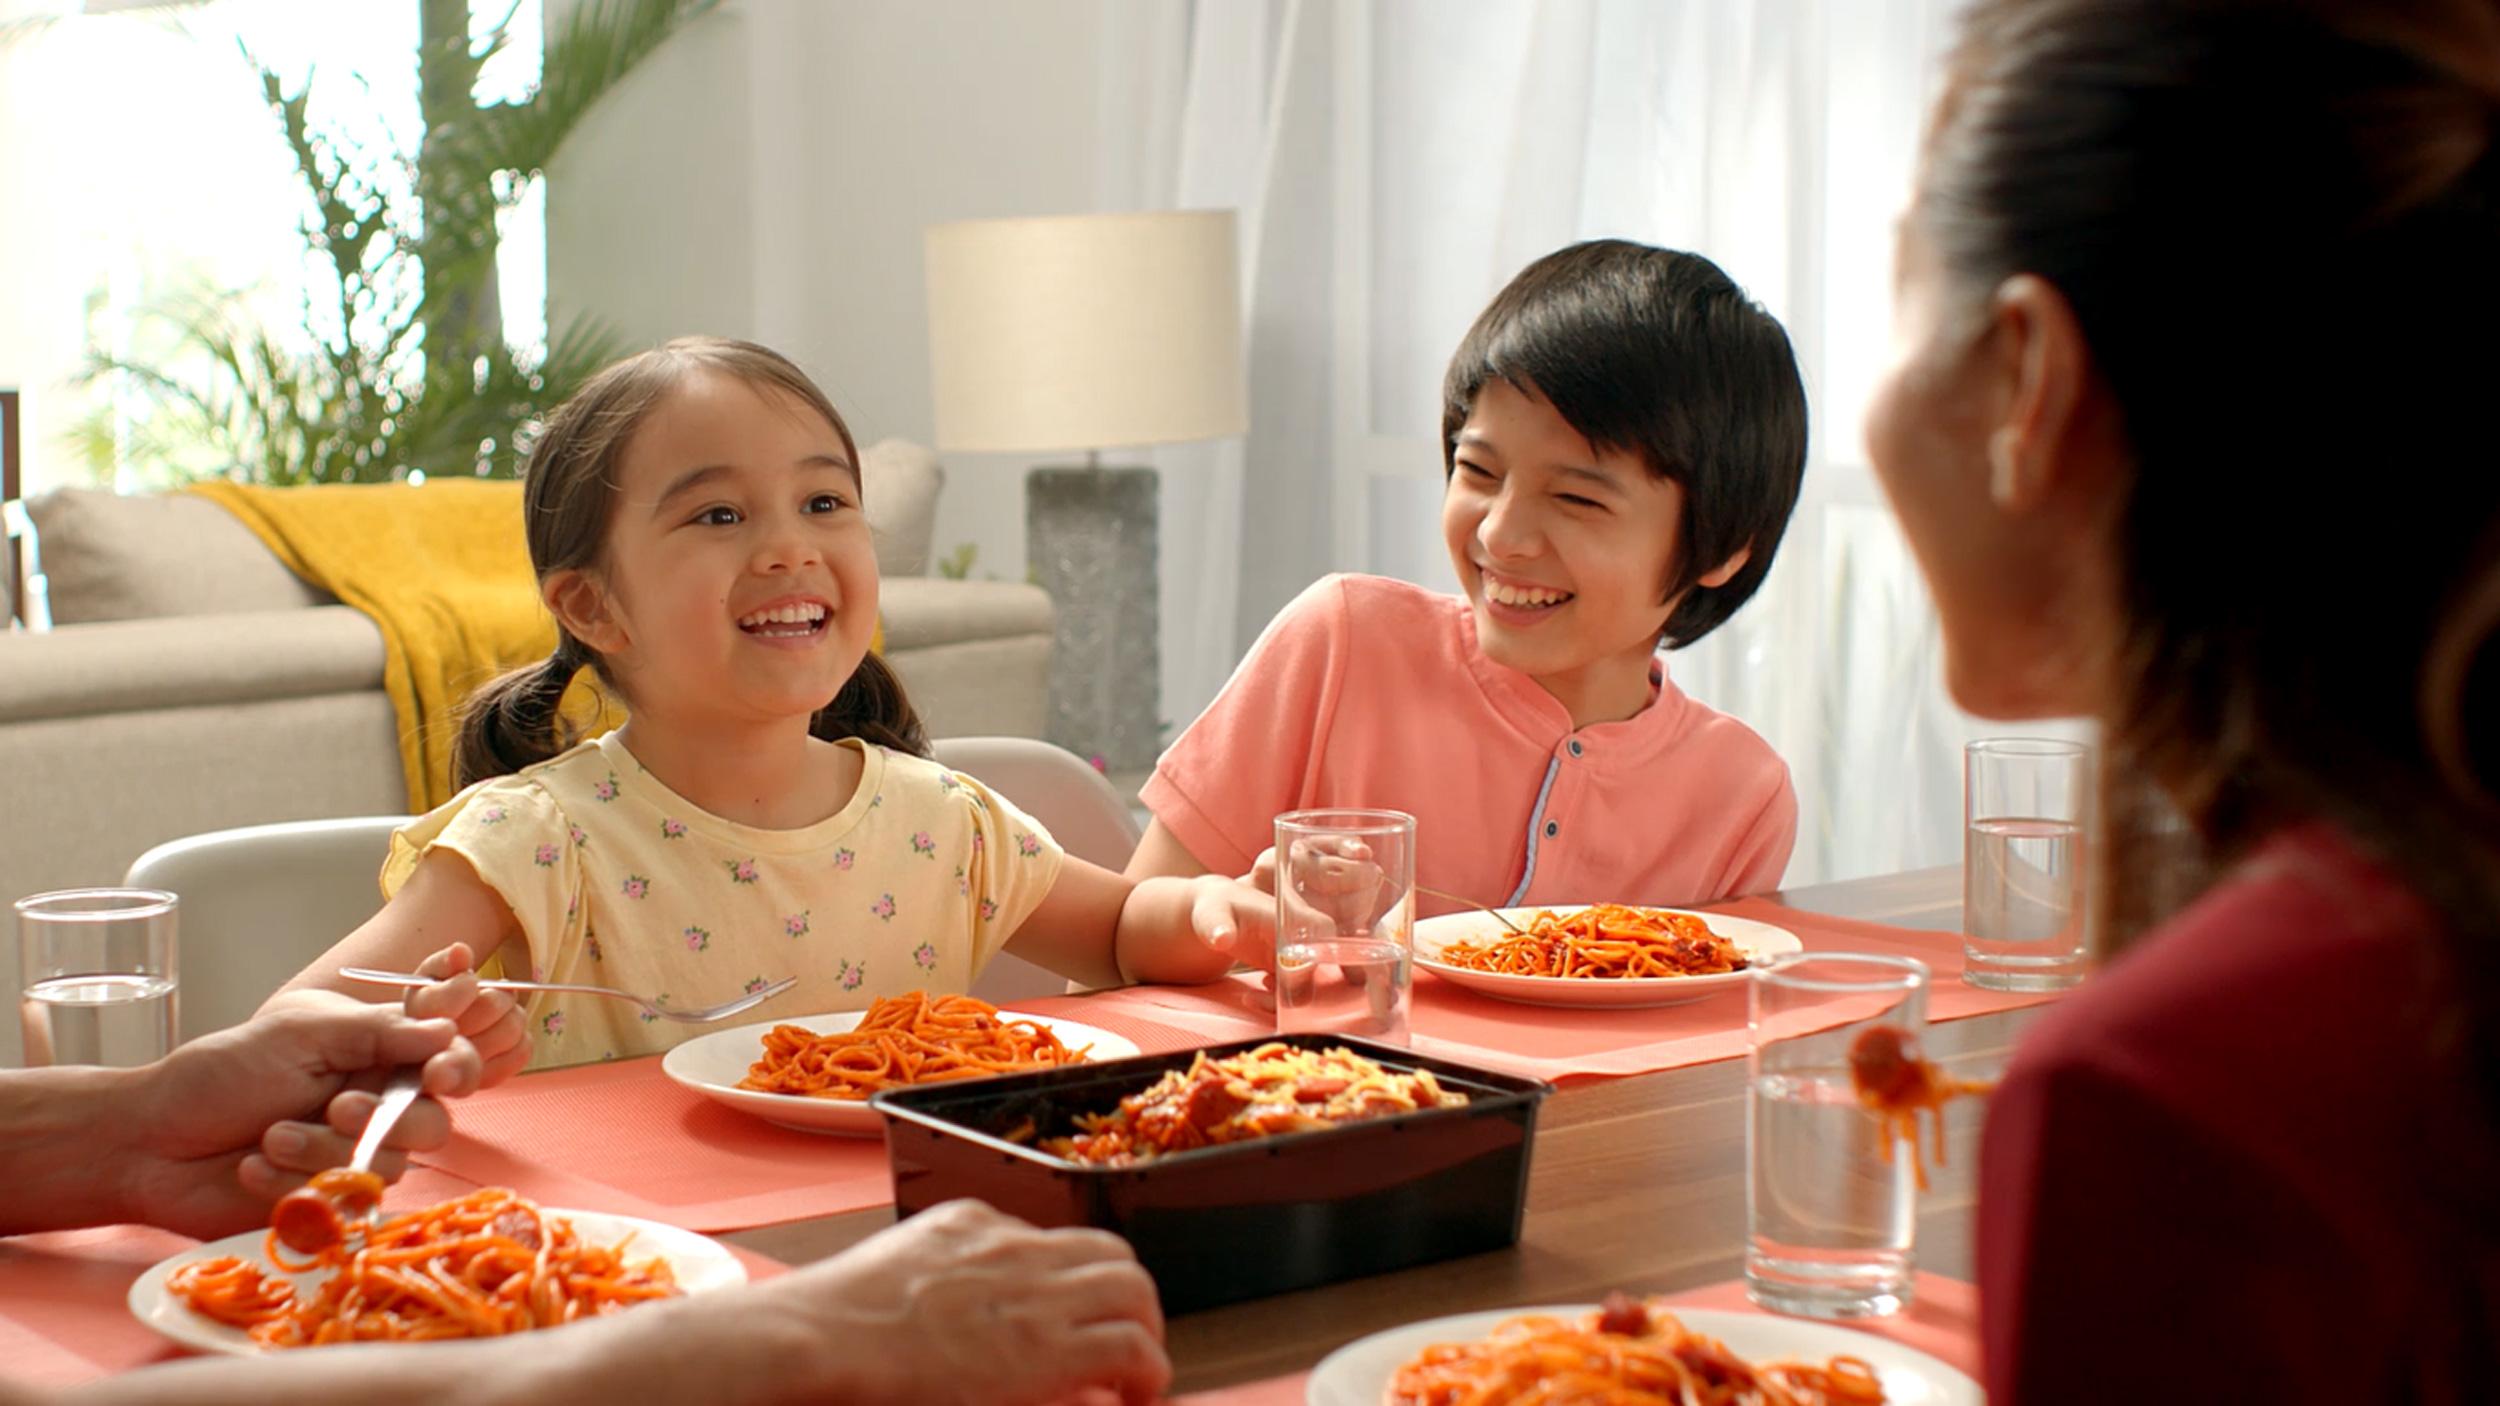 family eating Jolly Spaghetti